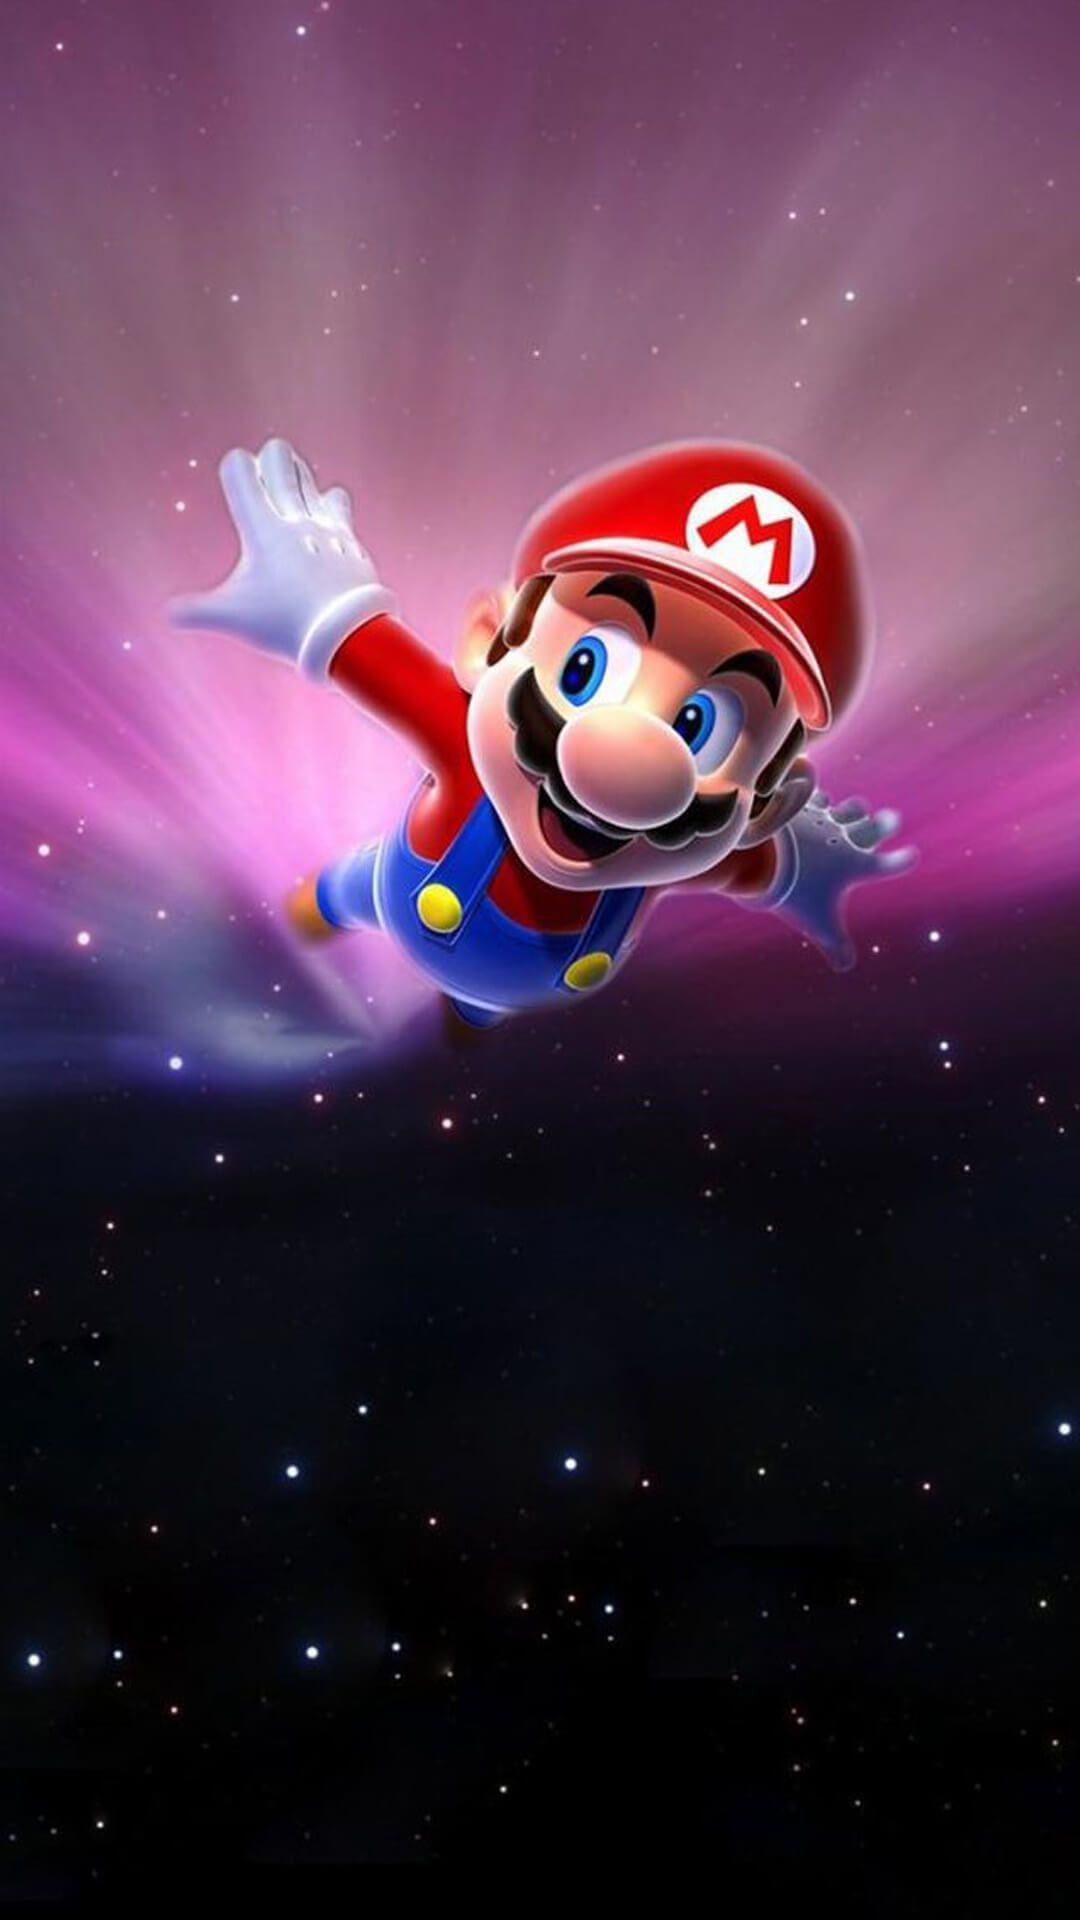 """Résultat de recherche d'images pour """"fond jeux vidéo"""""""